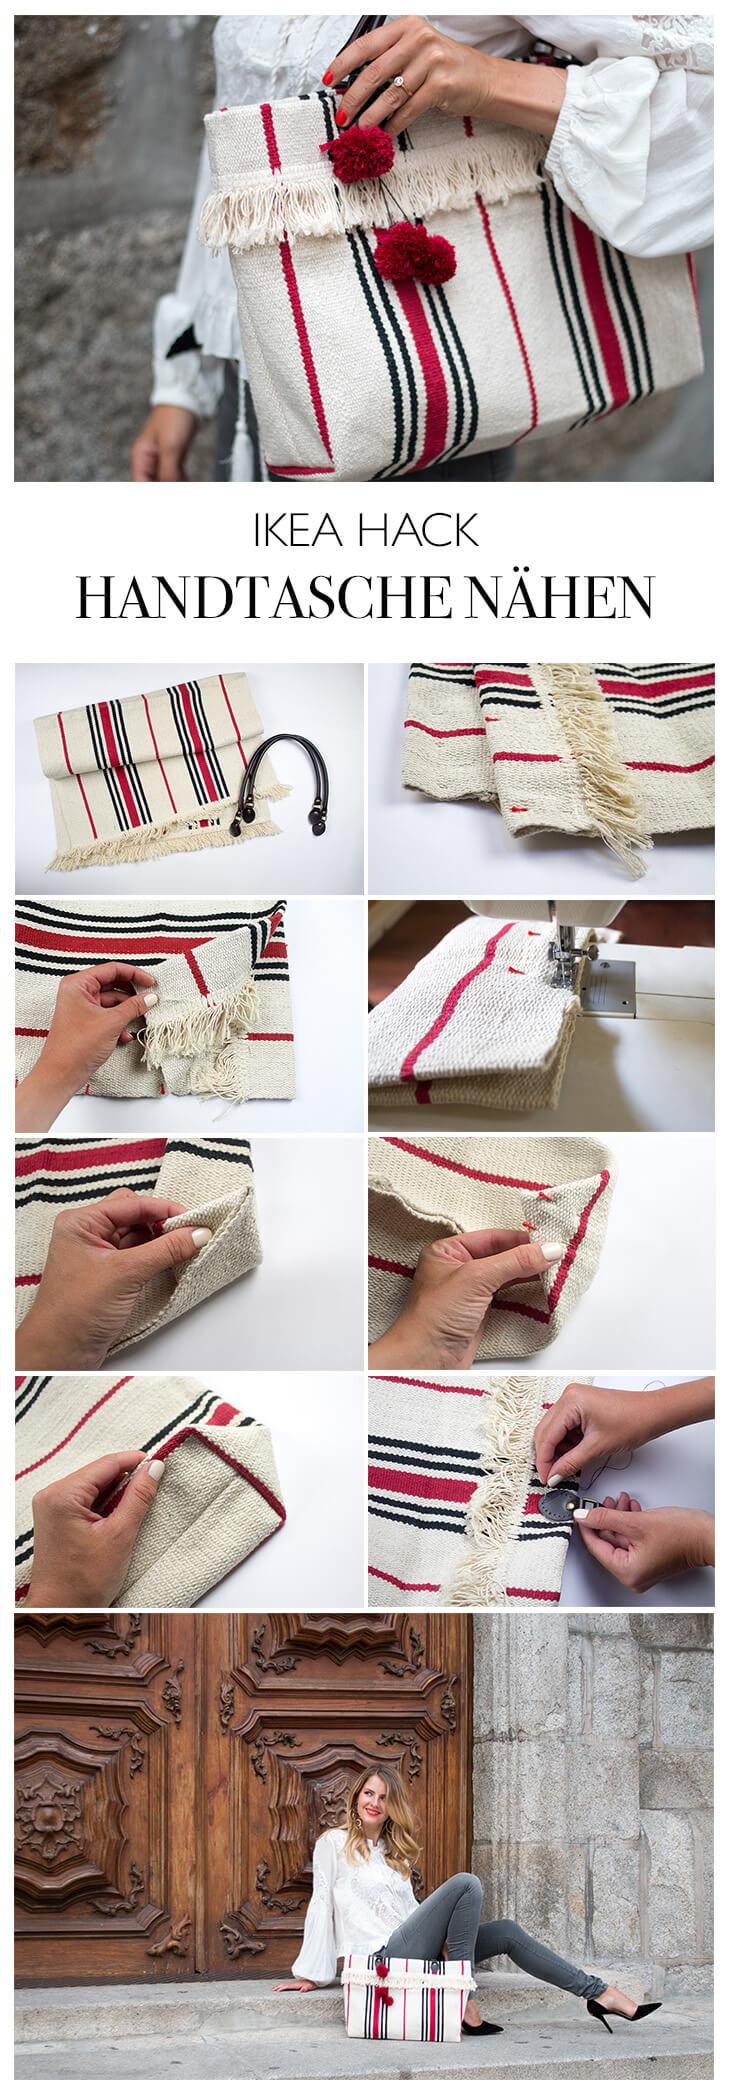 DIY Anleitung IKEA Tasche aus Teppich nähen - Handtasche selber machen - DIY Blog aus Berlin lindaloves.de